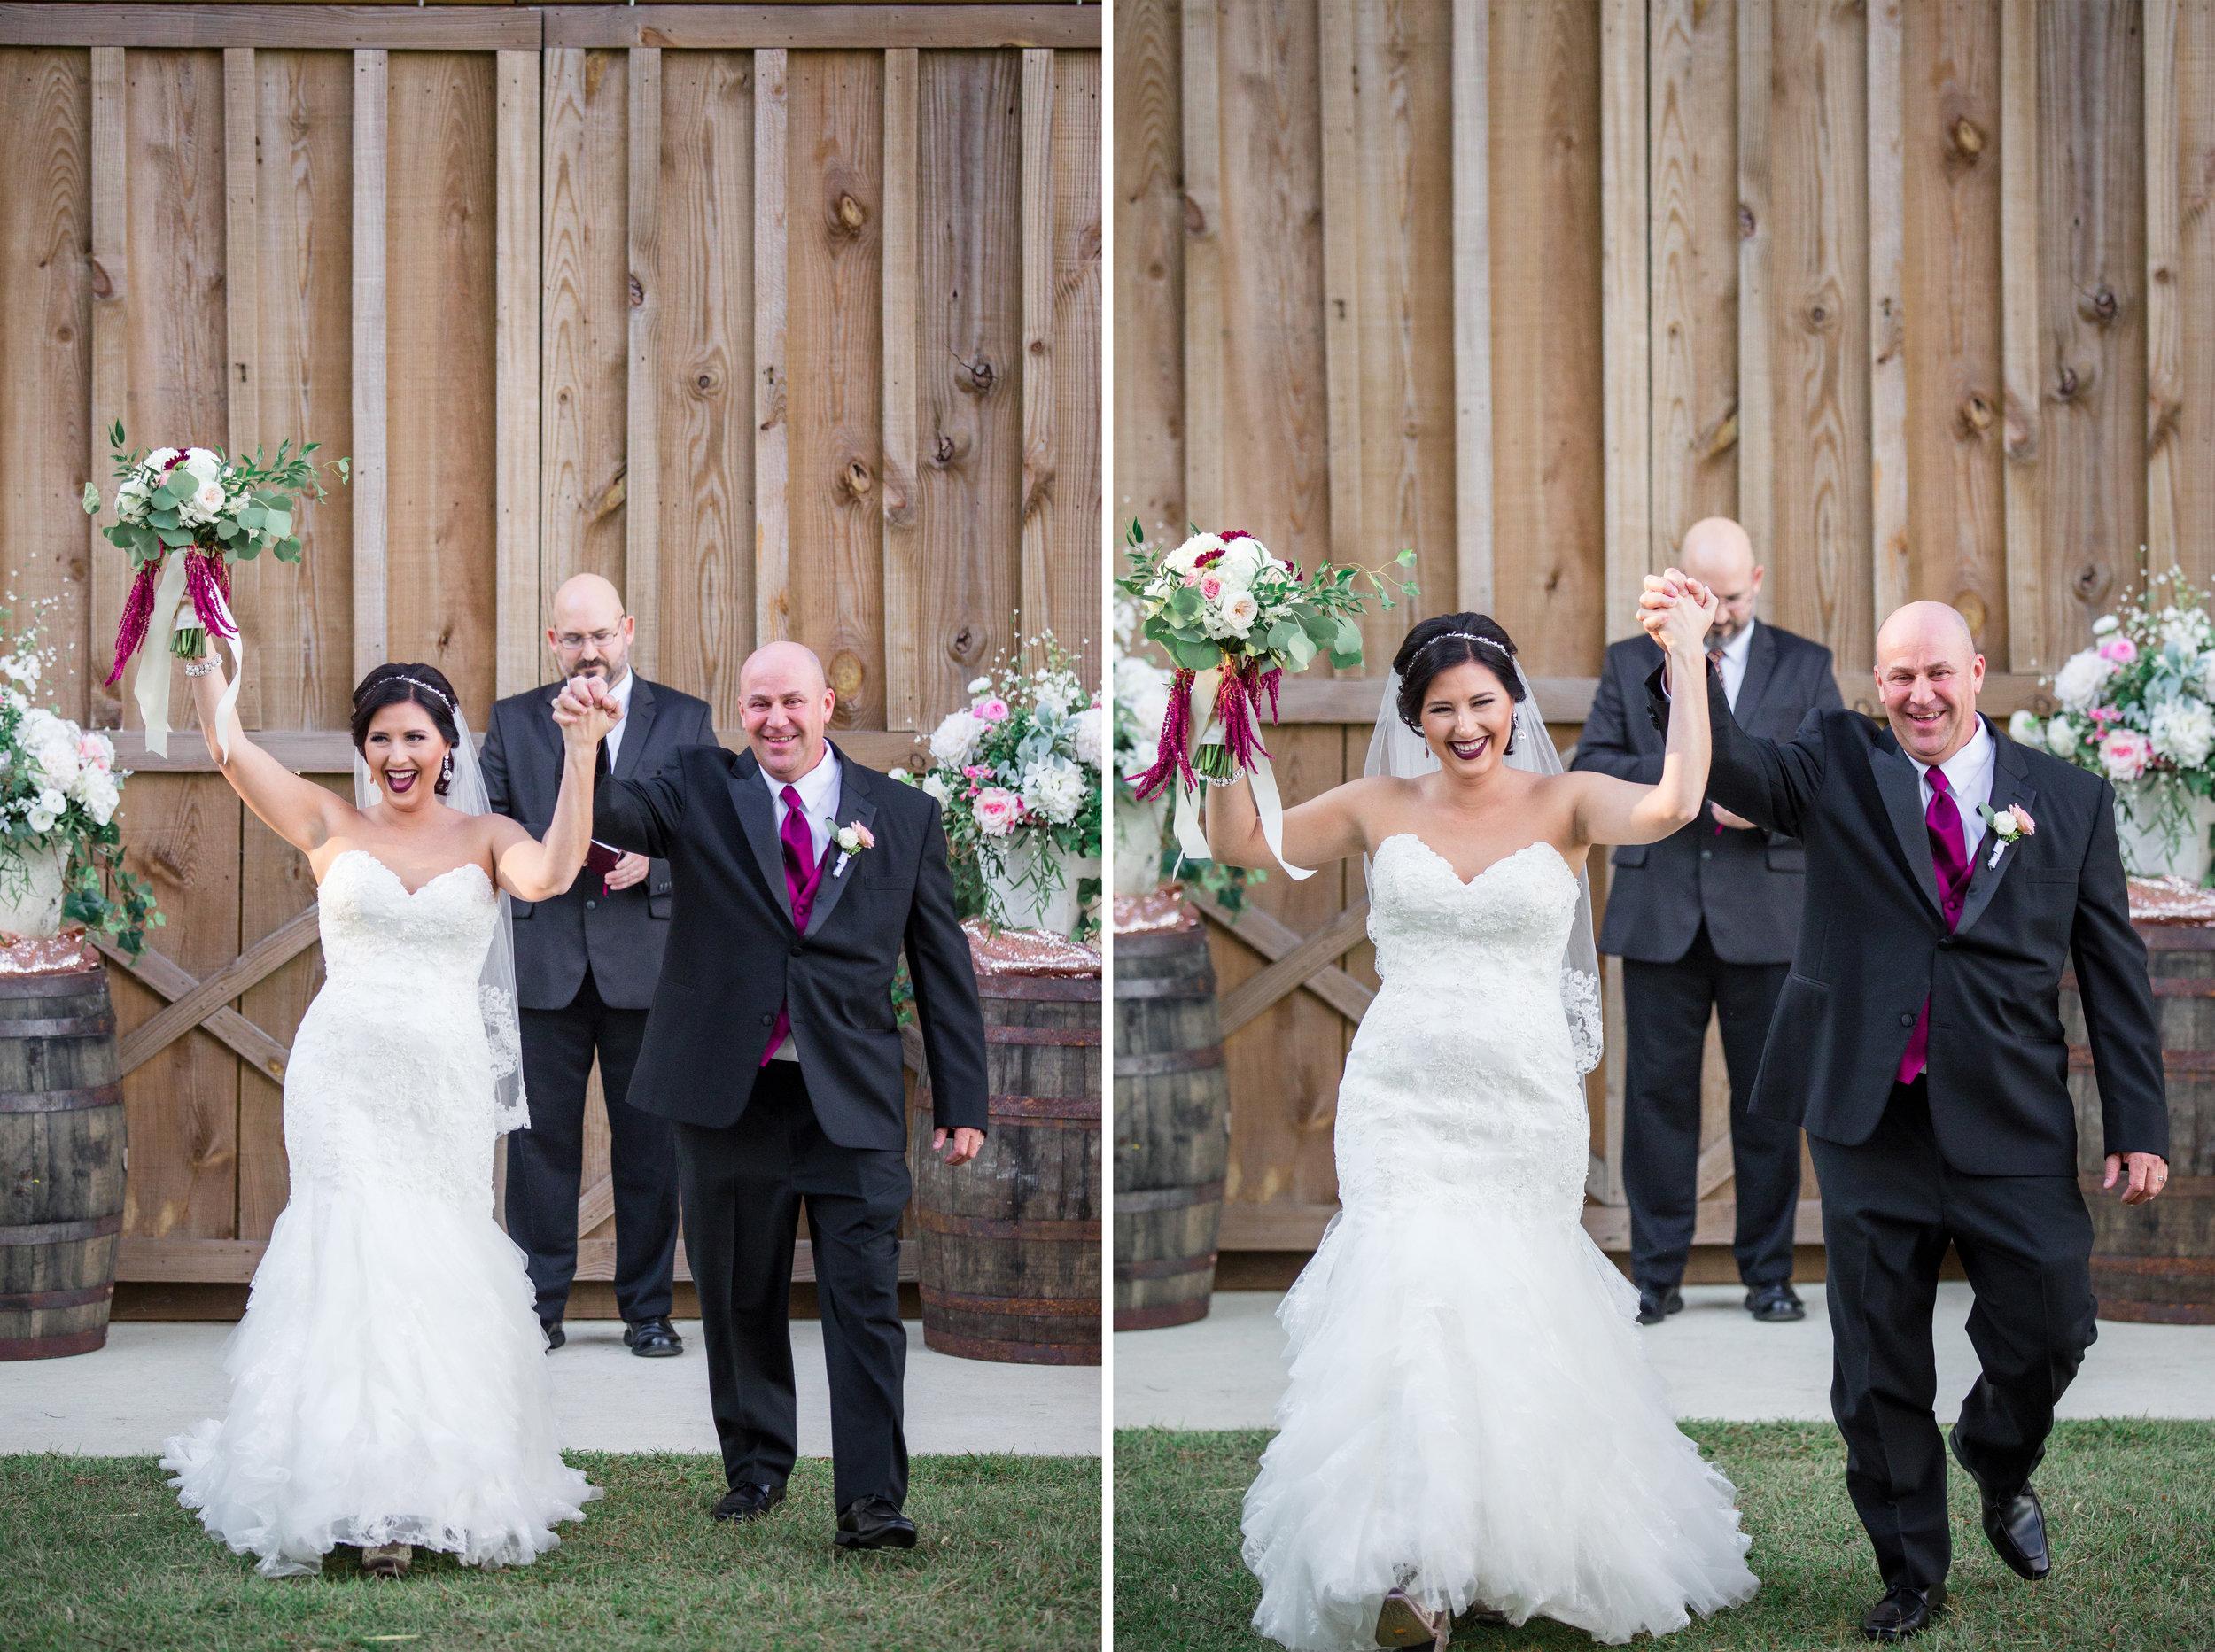 Barn-Wedding-Ates-Ranch-Wedding-Photo-Photography-Video-Videography-Pensacola-Florida-Courtney-Clint-34.jpg